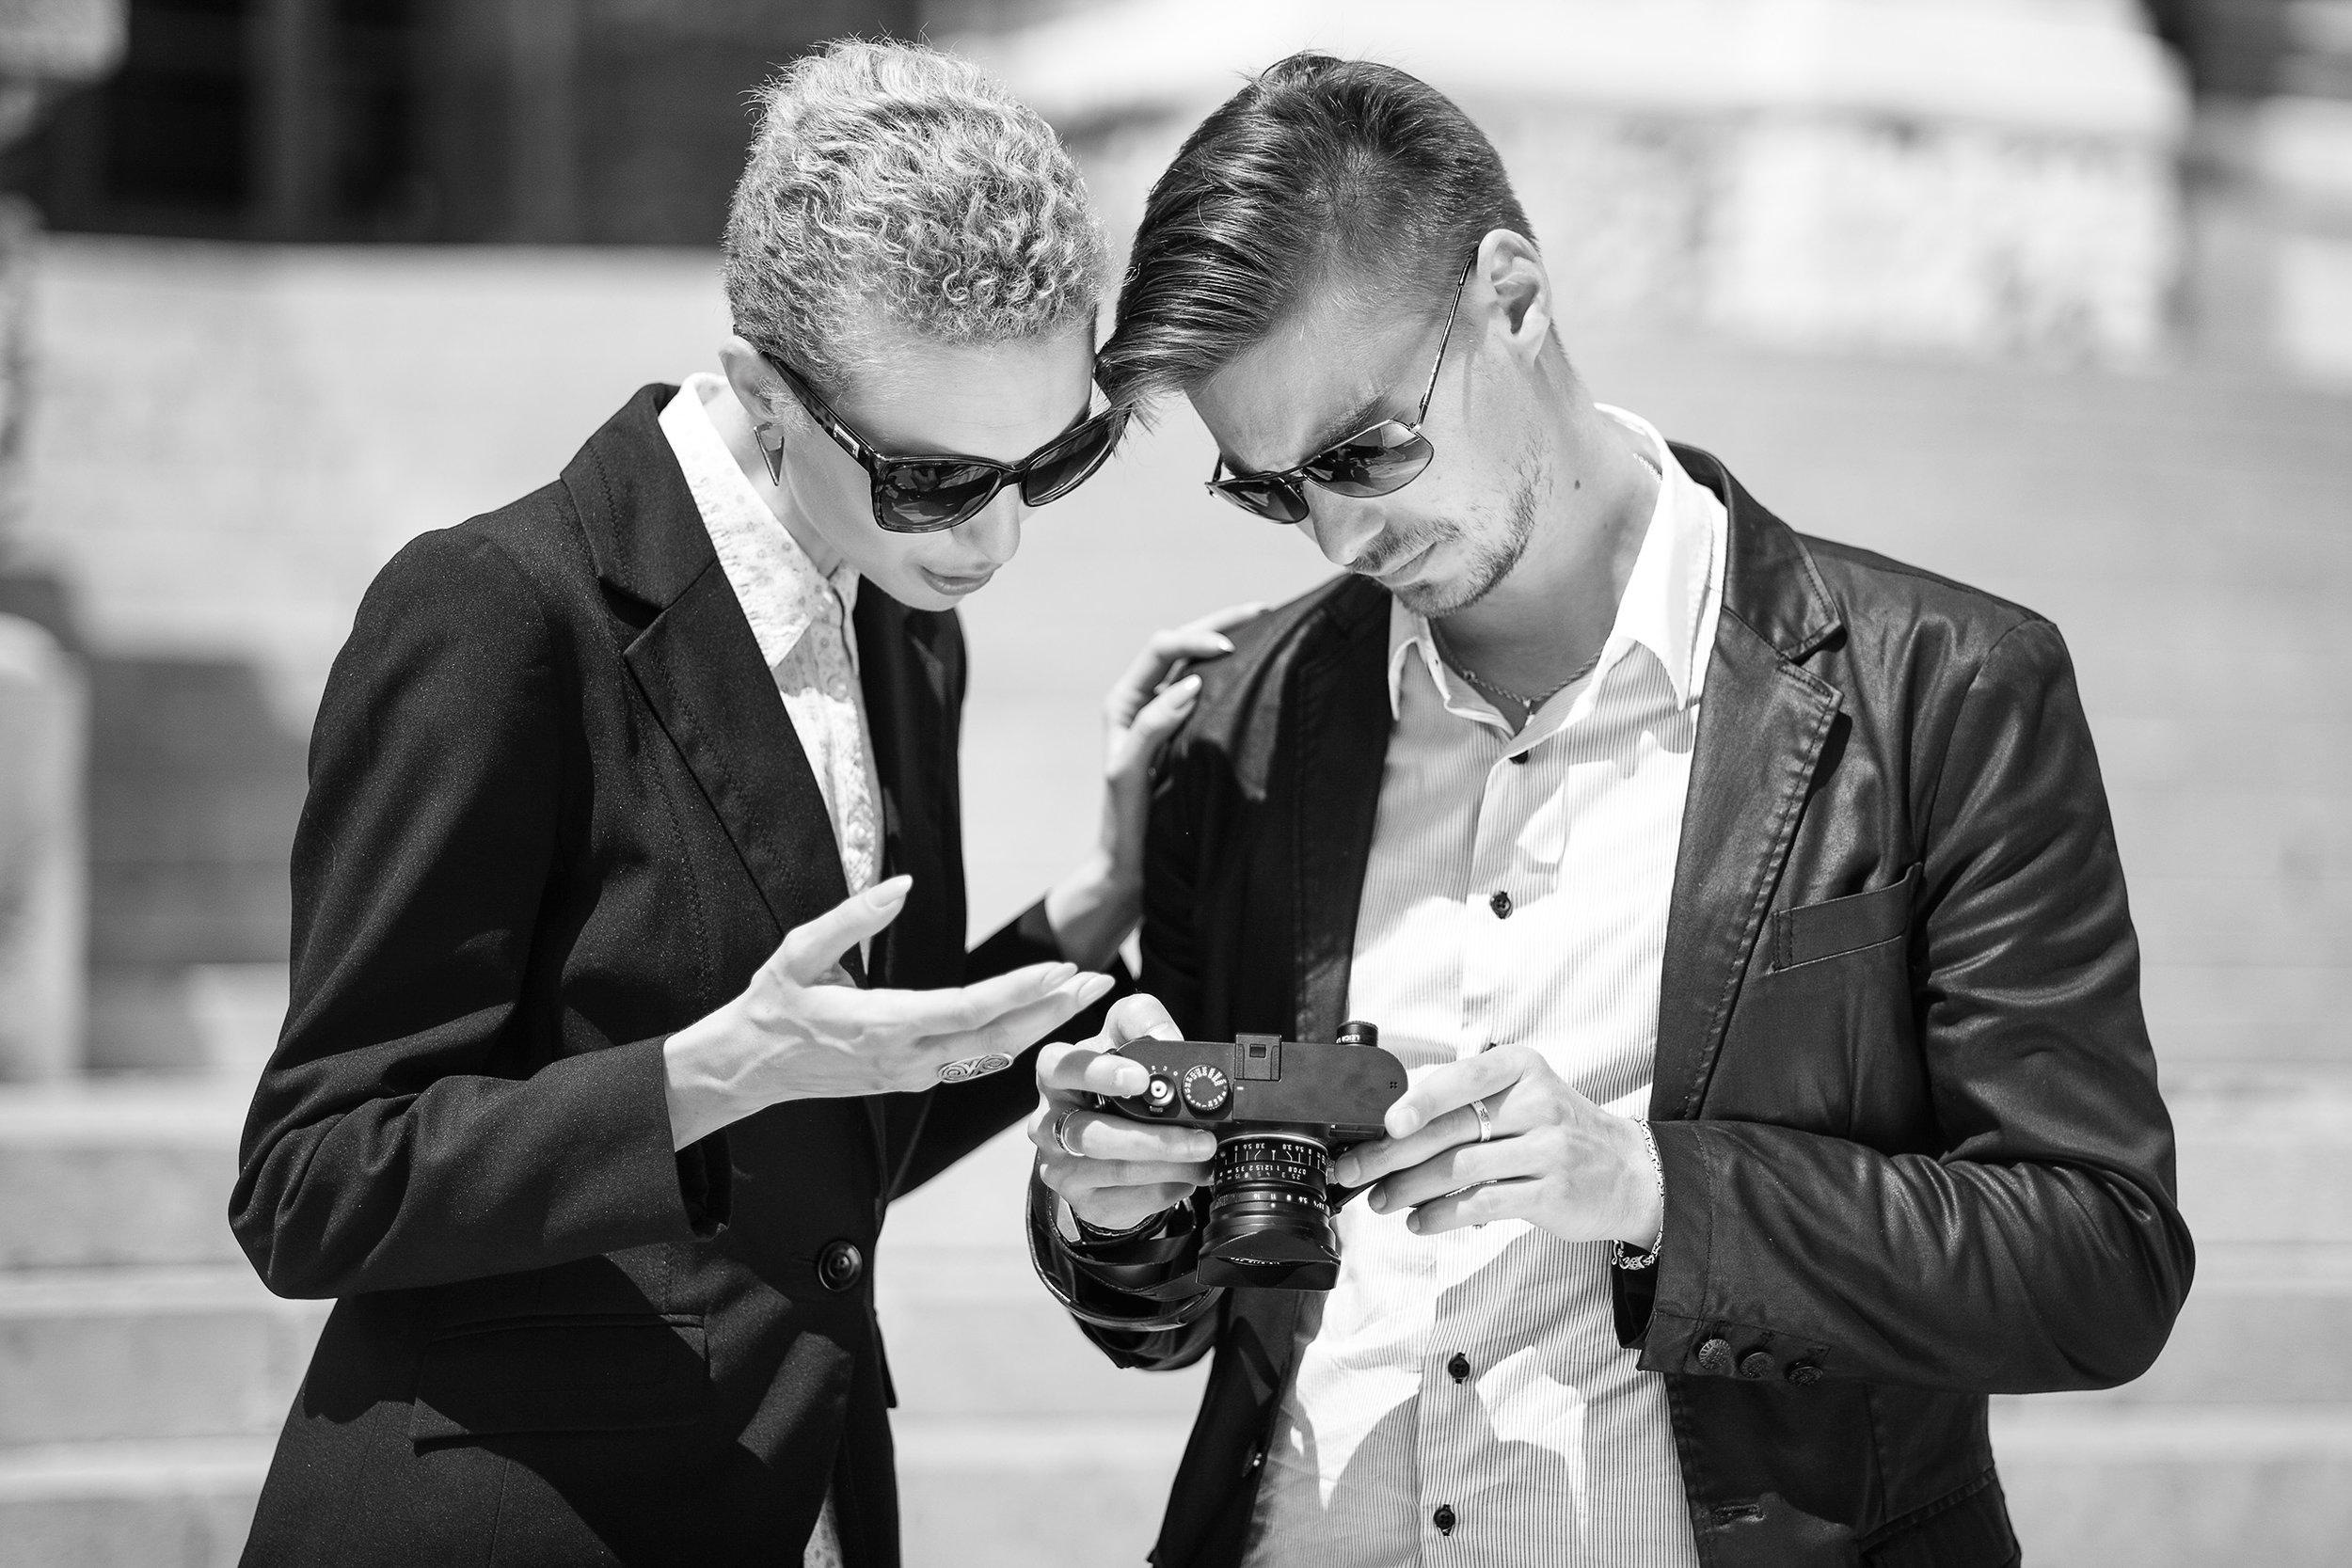 Fotografie gemeinsam erleben.